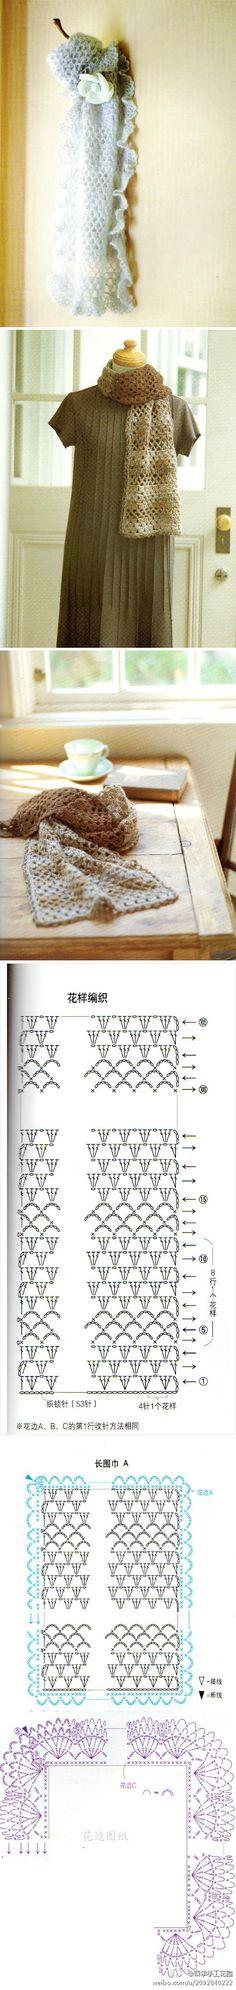 手工 生活 艺术 钩花 钩针…_来自明媚xy2010的图片分享-堆糖网